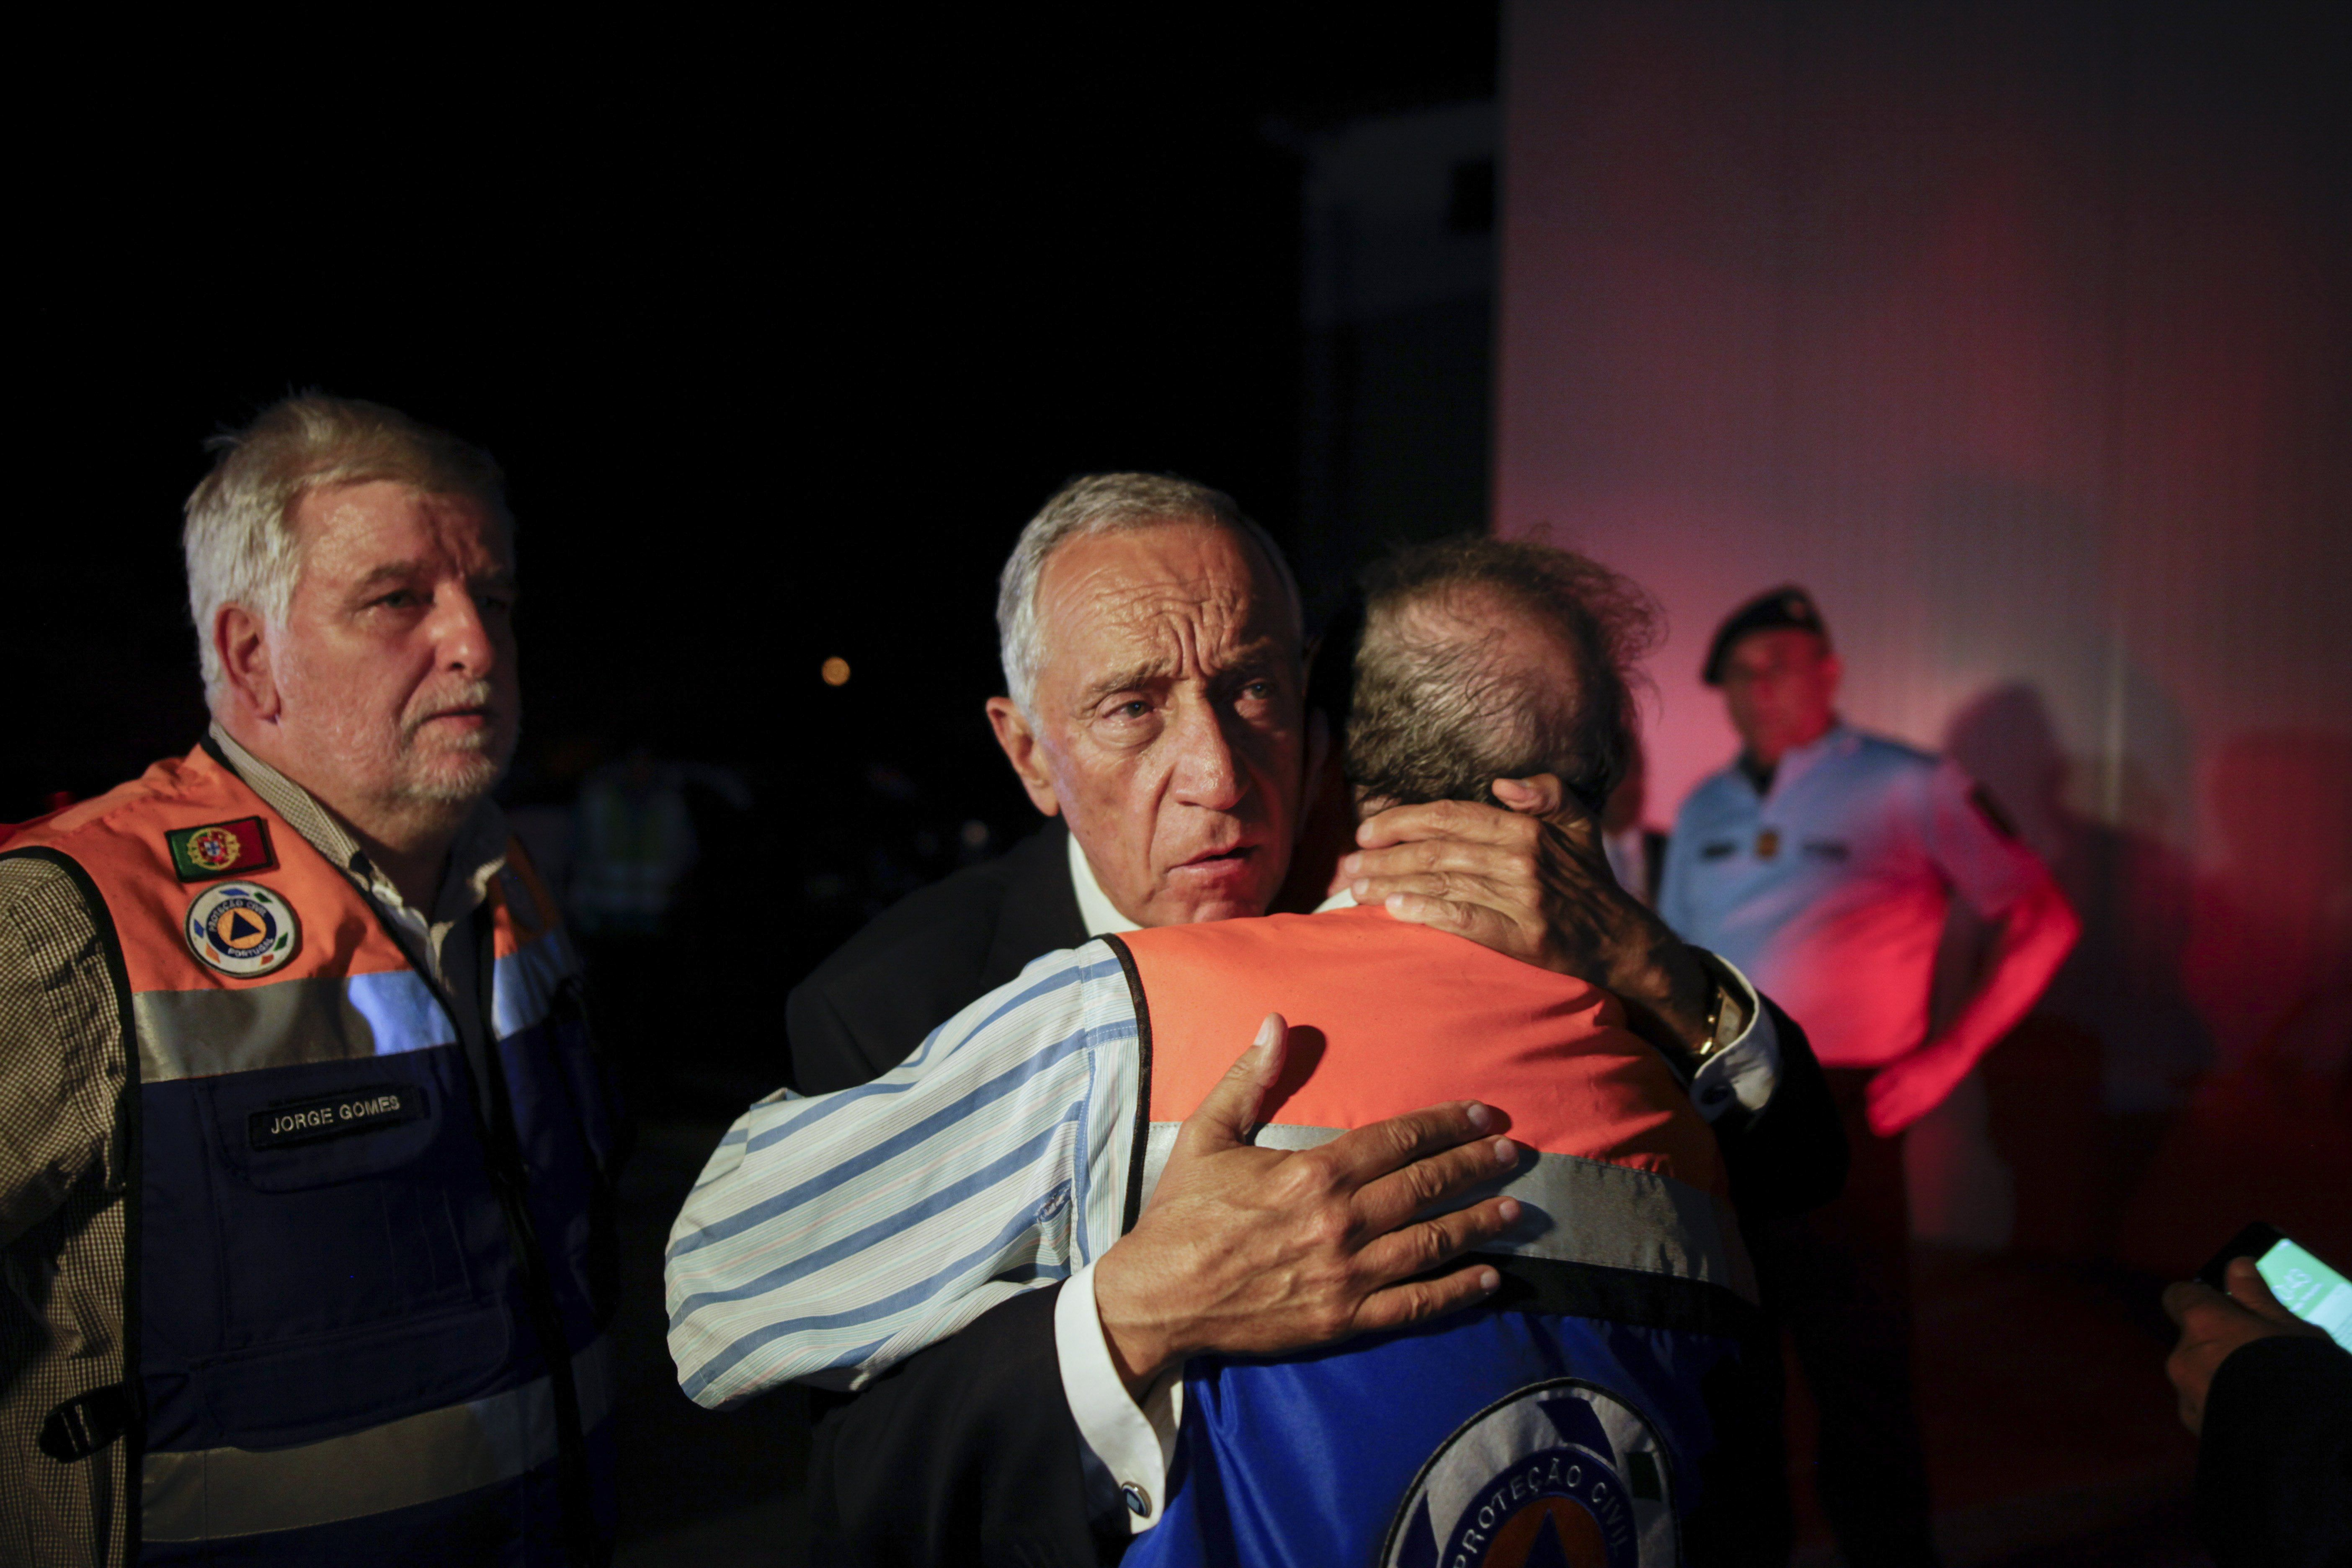 El presidente de PortugalMarcelo Rebelo de Sousa visitó el lugar de la tragegia. (EFE/EPA/PAULO CUNHA)